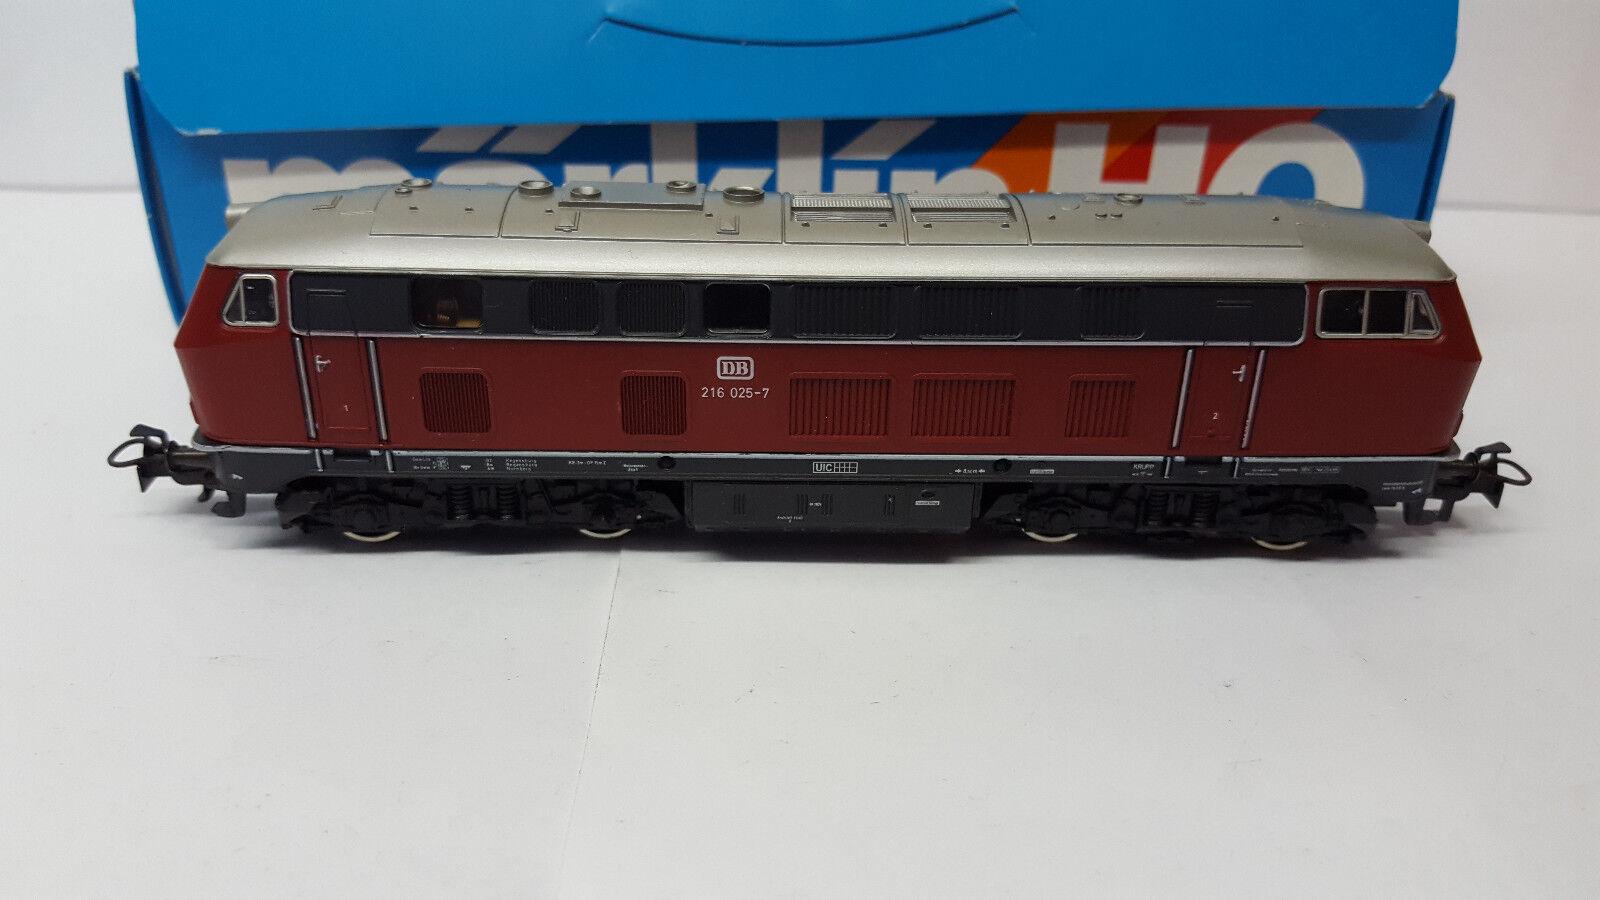 Märklin 3075 DB diesellok br 216 025-7 top OVP